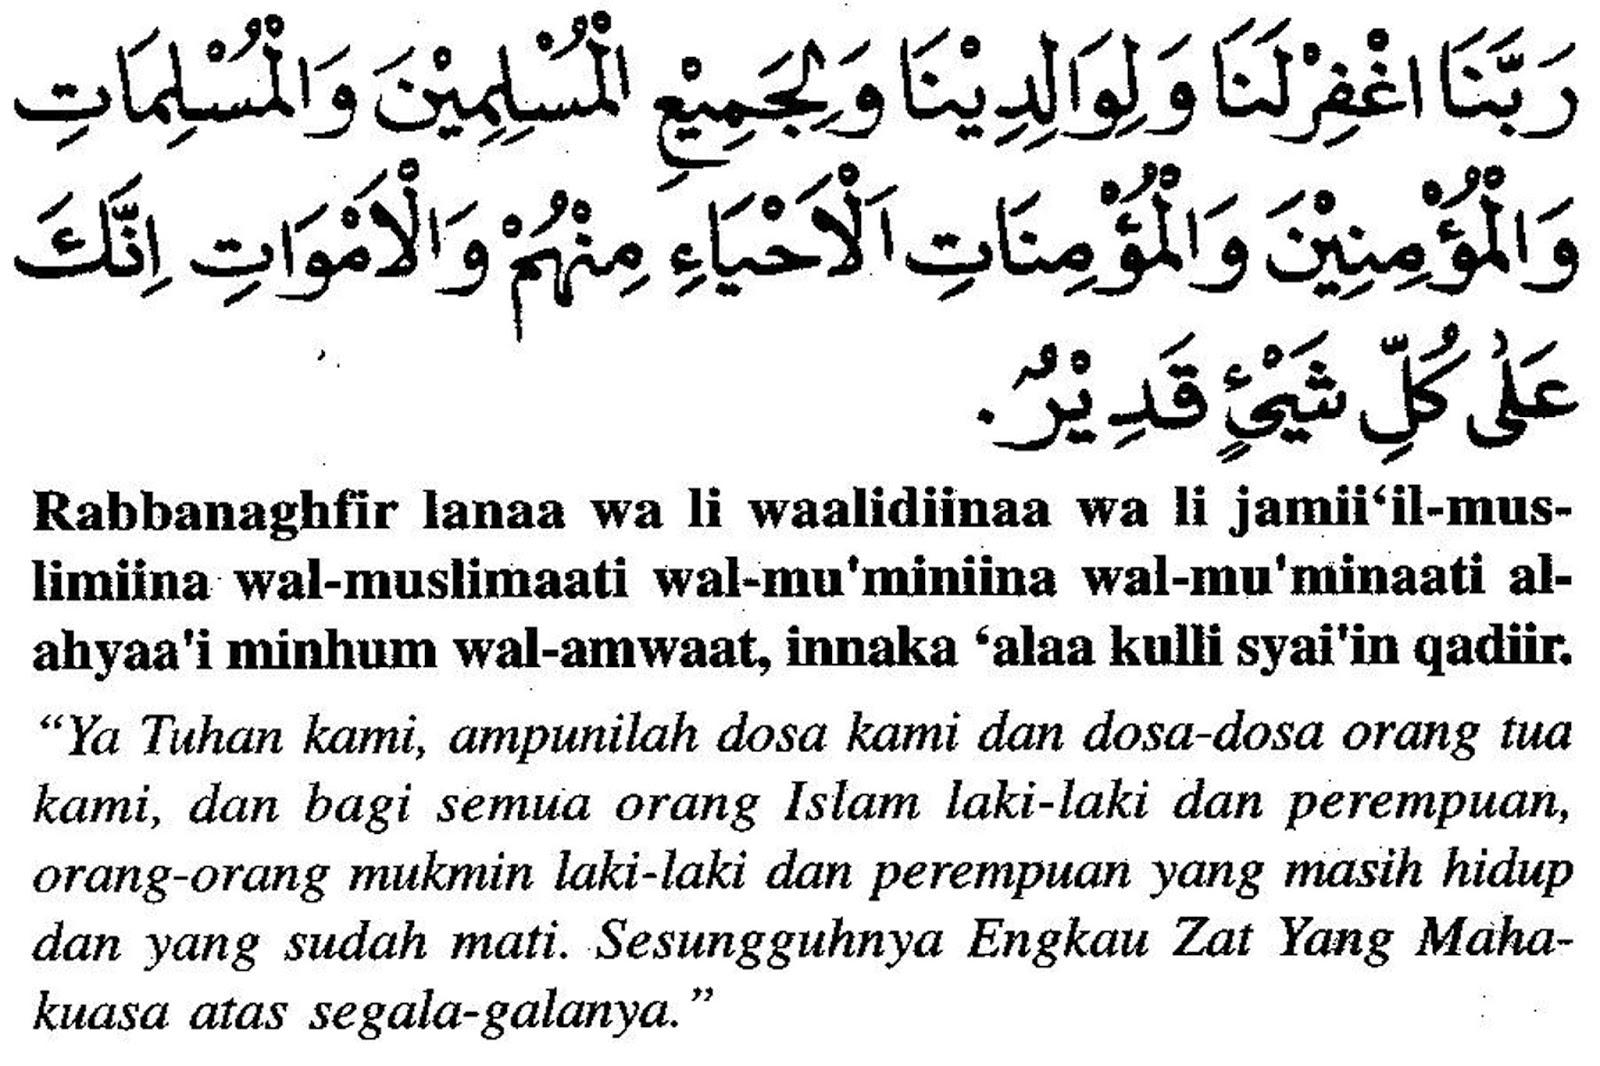 Doa Sesudah Shalat Wajib - Afdhal Ilahi | Portal Berita ...